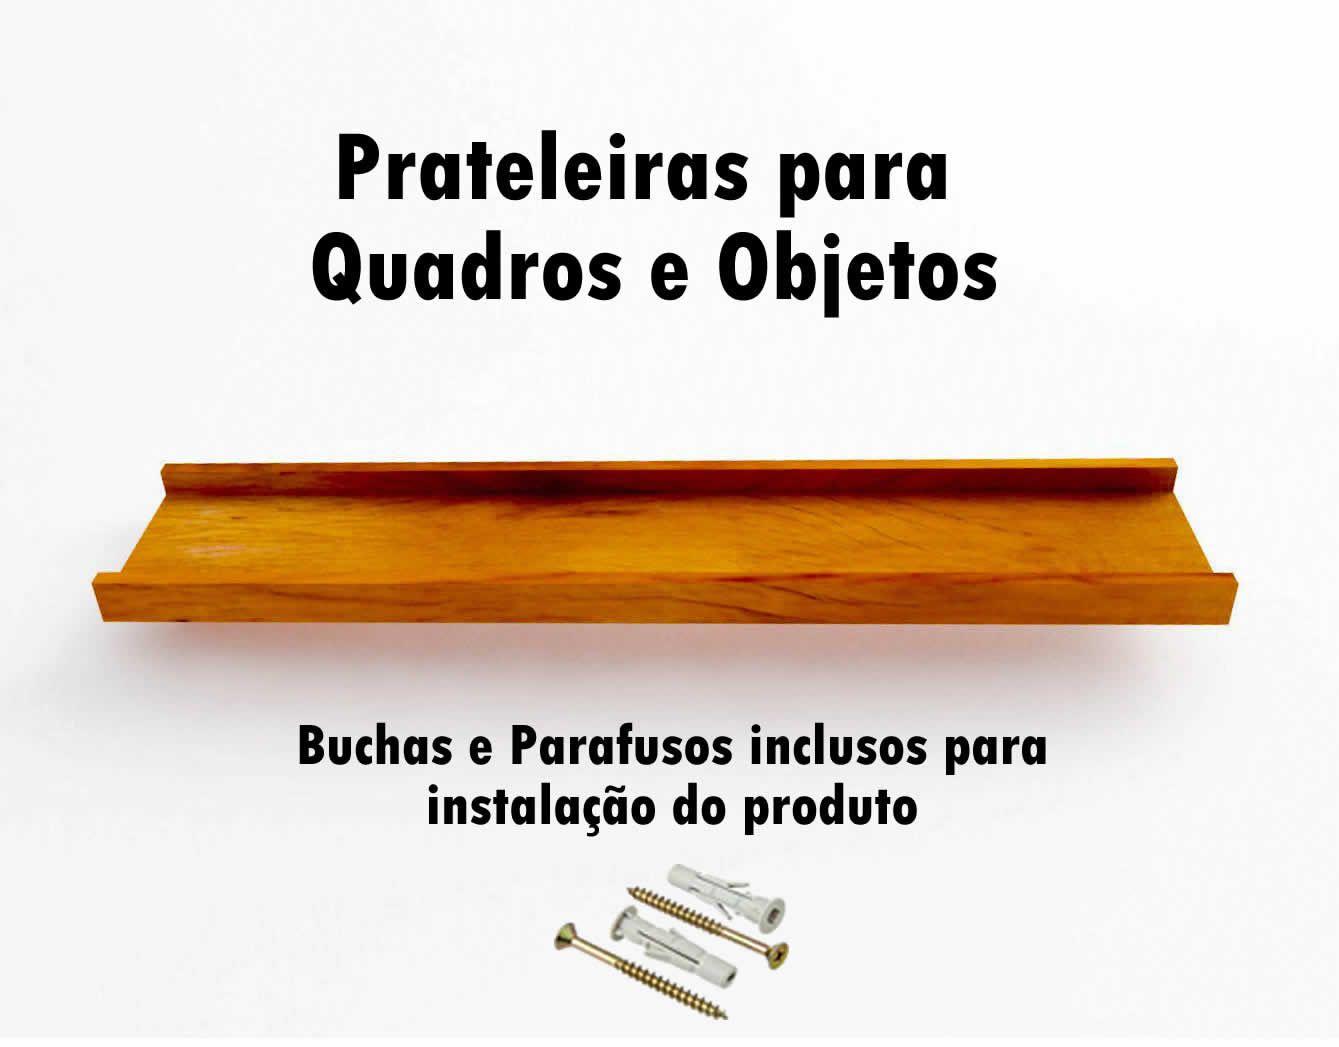 Kit 3 Prateleira em Madeira De Demolição para Quadros medindo 90x15x4